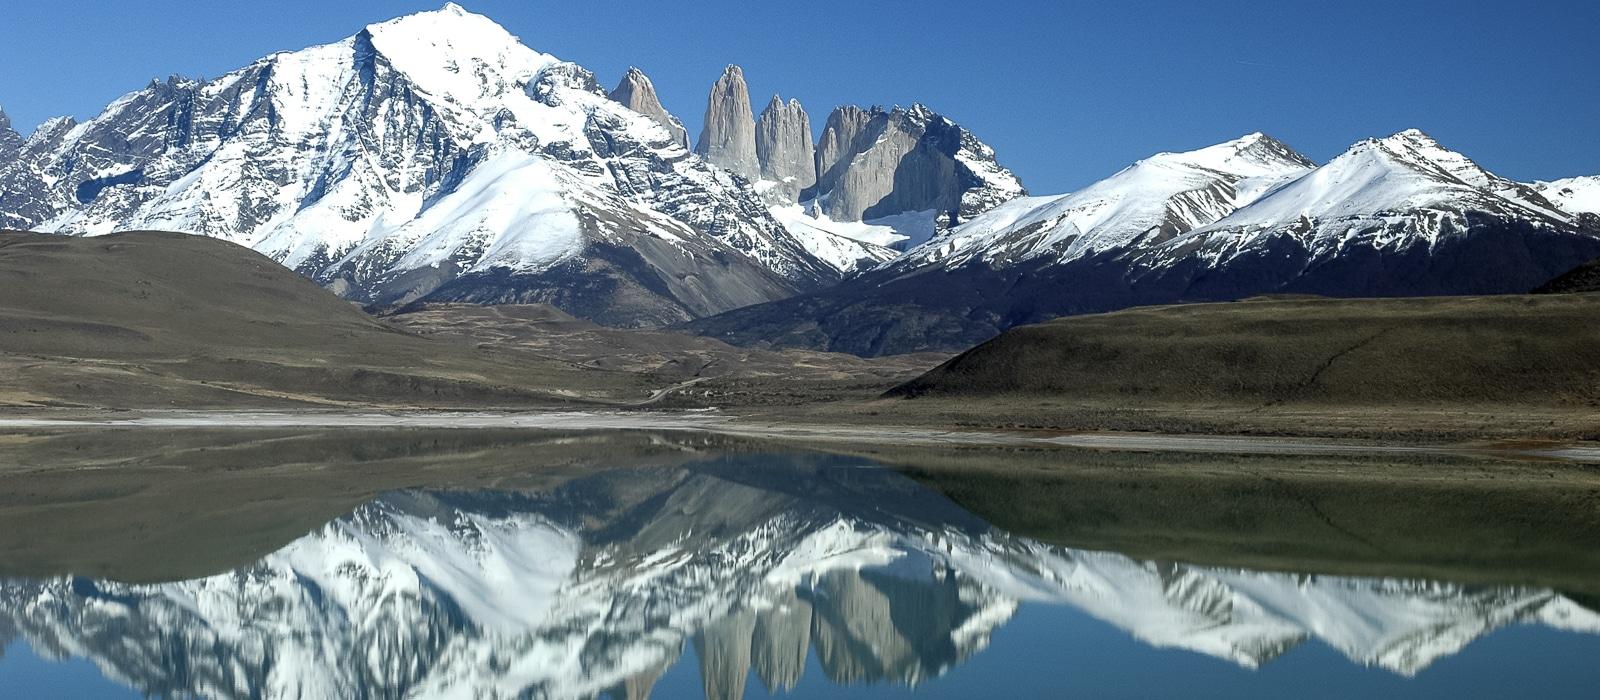 img-diapo-entete - Chili-1600x700-10.jpg